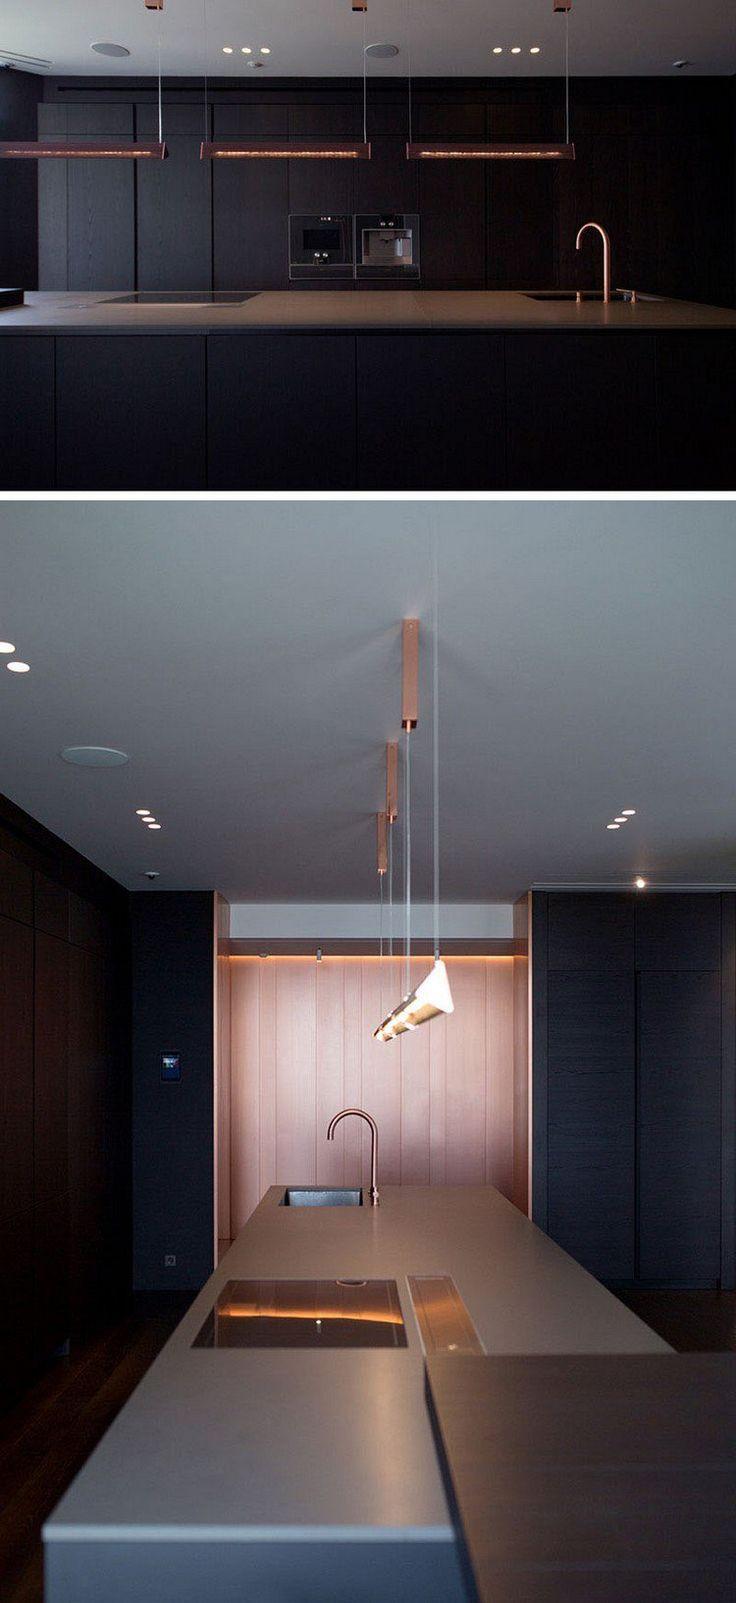 Faux Plafond Cuisine Design Luxe Photographie Eclairage Faux Plafond Cuisine 418 Best éclairage Moderne